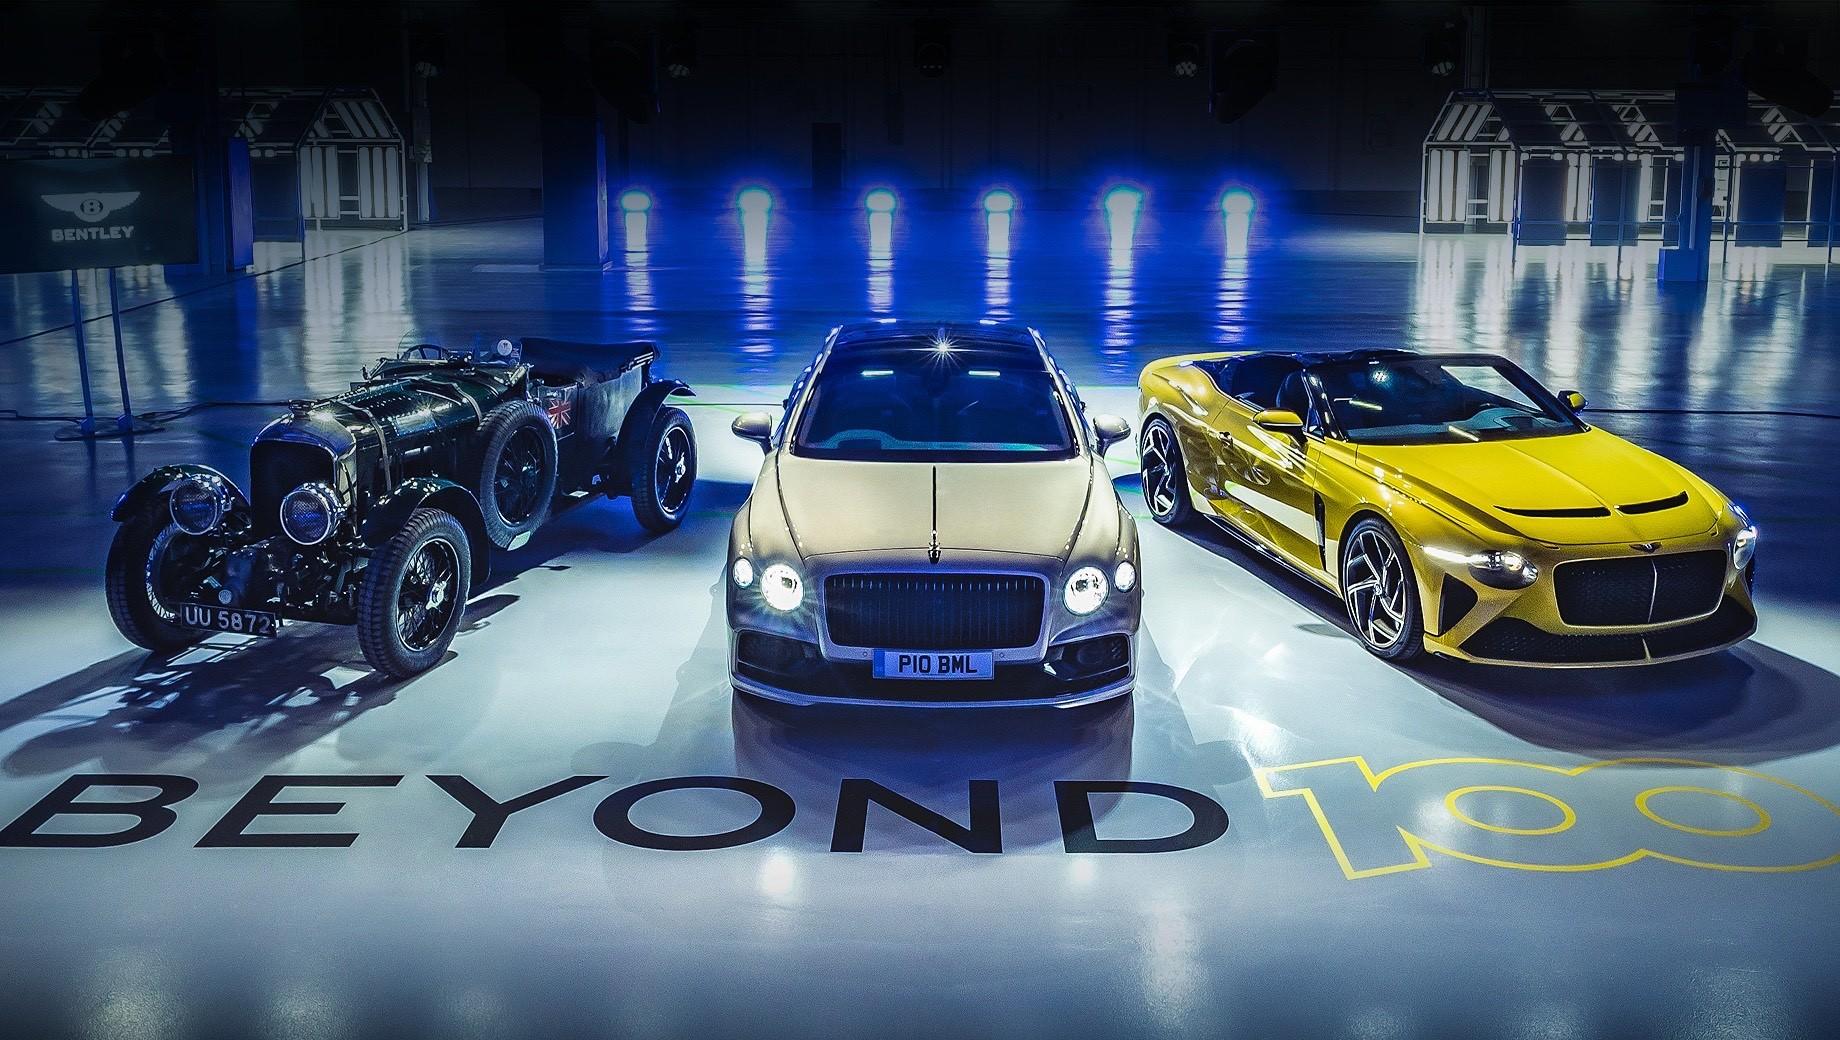 Bentley ev,Bentley mulsanne,Bentley flying spur. Прошлое, настоящее и будущее. Специалисты Bentley намерены уделять внимание не только электрификации моделей, но и развитию отделения Mulliner, которое снова будет заниматься созданием эксклюзивных автомобилей. Таких, например, как баркетта Bacalar, вышедшая тиражом 12 штук.